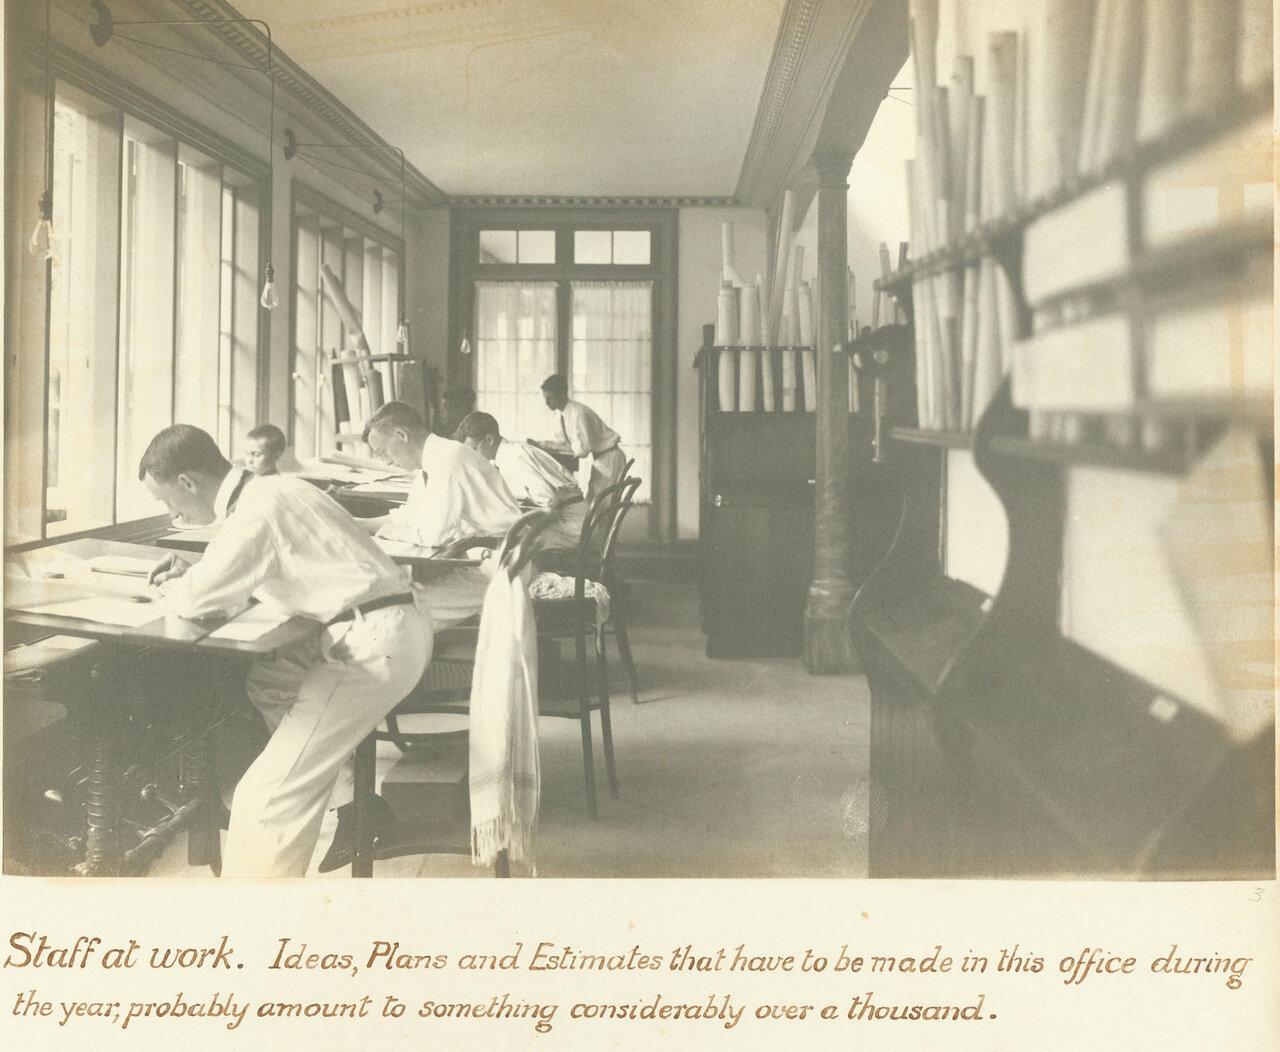 Британские специалисты в чертежном бюро, ок. 1893 года